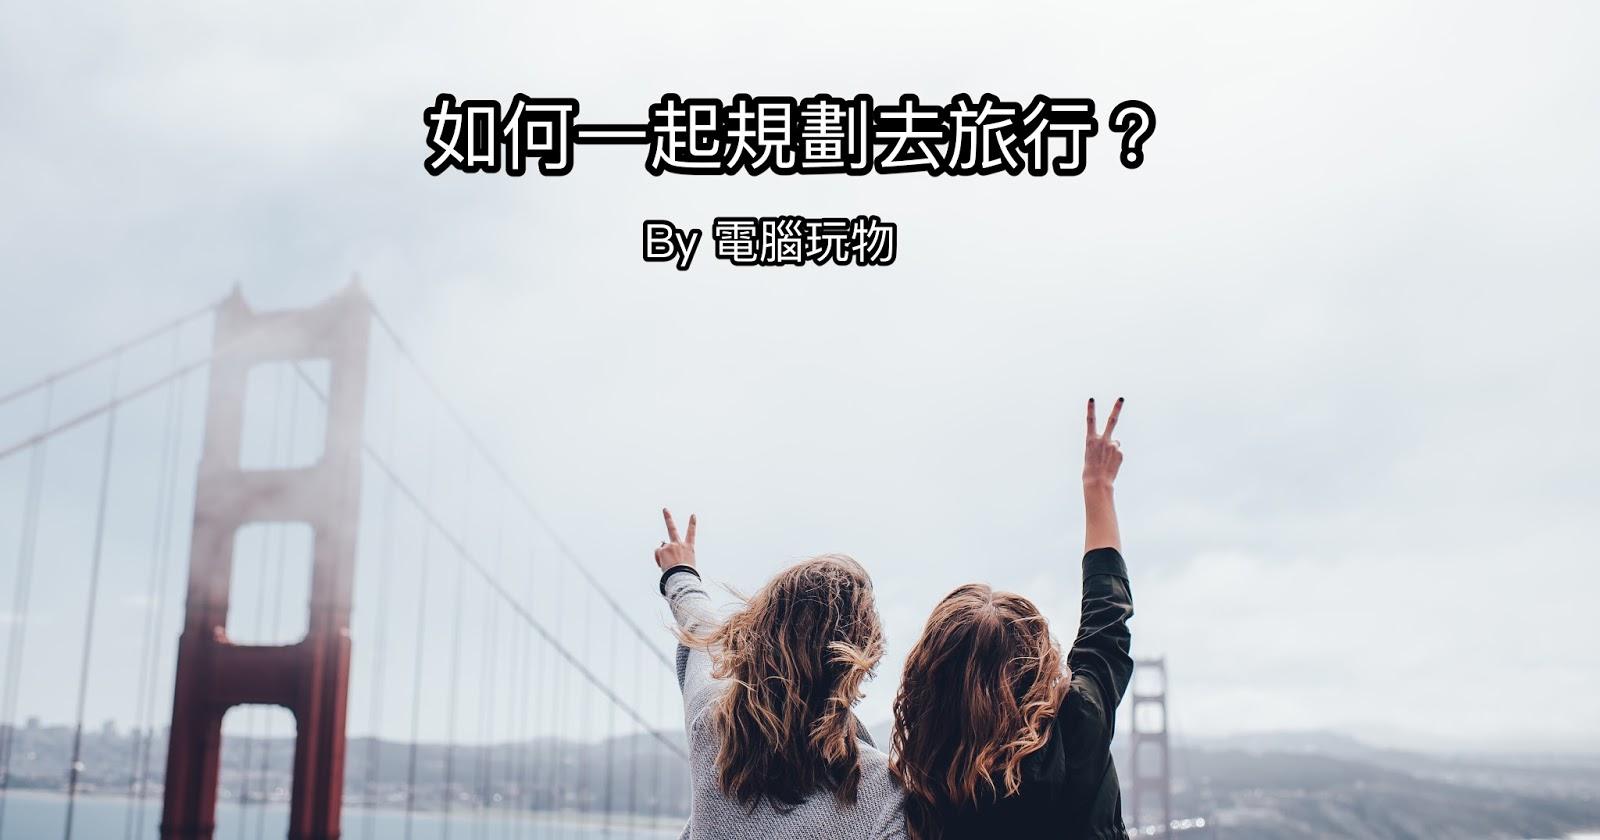 如何和朋友一起規劃自助旅行?我的旅行 App 協同合作經驗分享